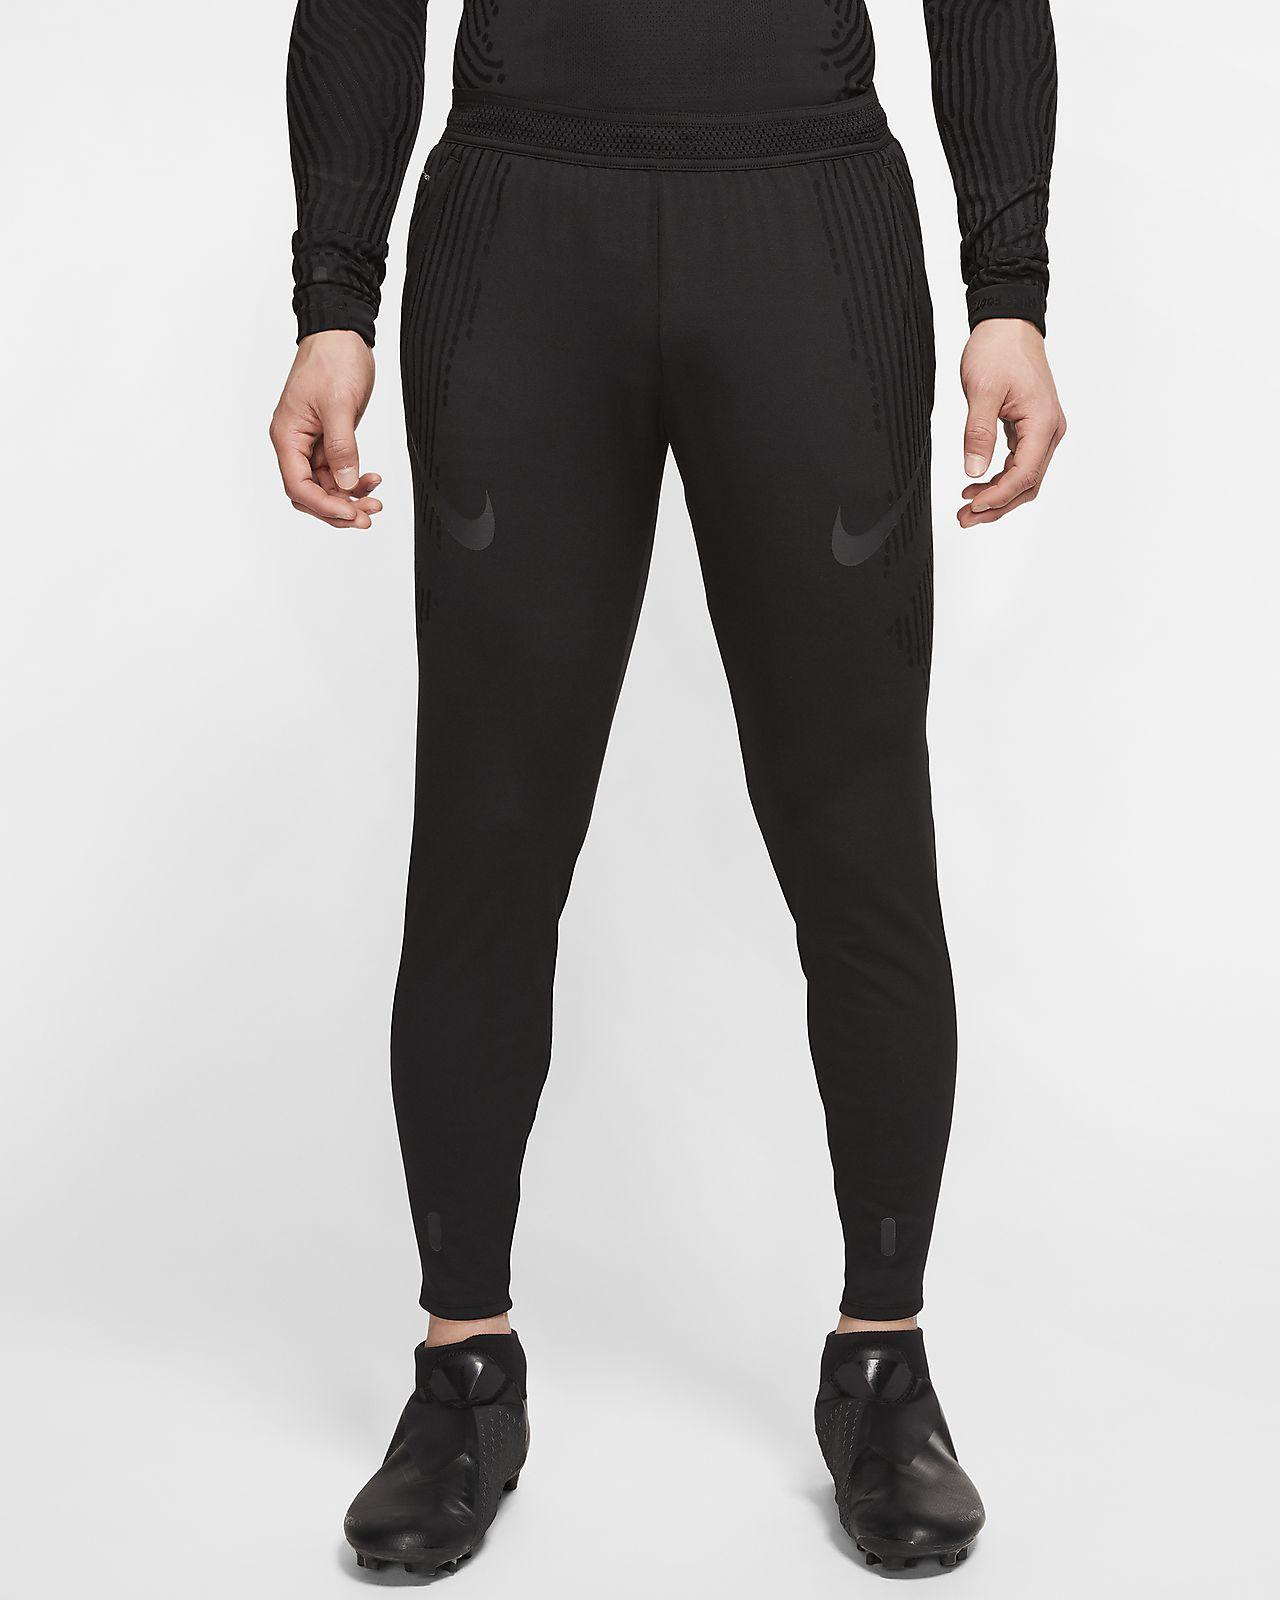 Nike VaporKnit Strike fodboldbukser til mænd